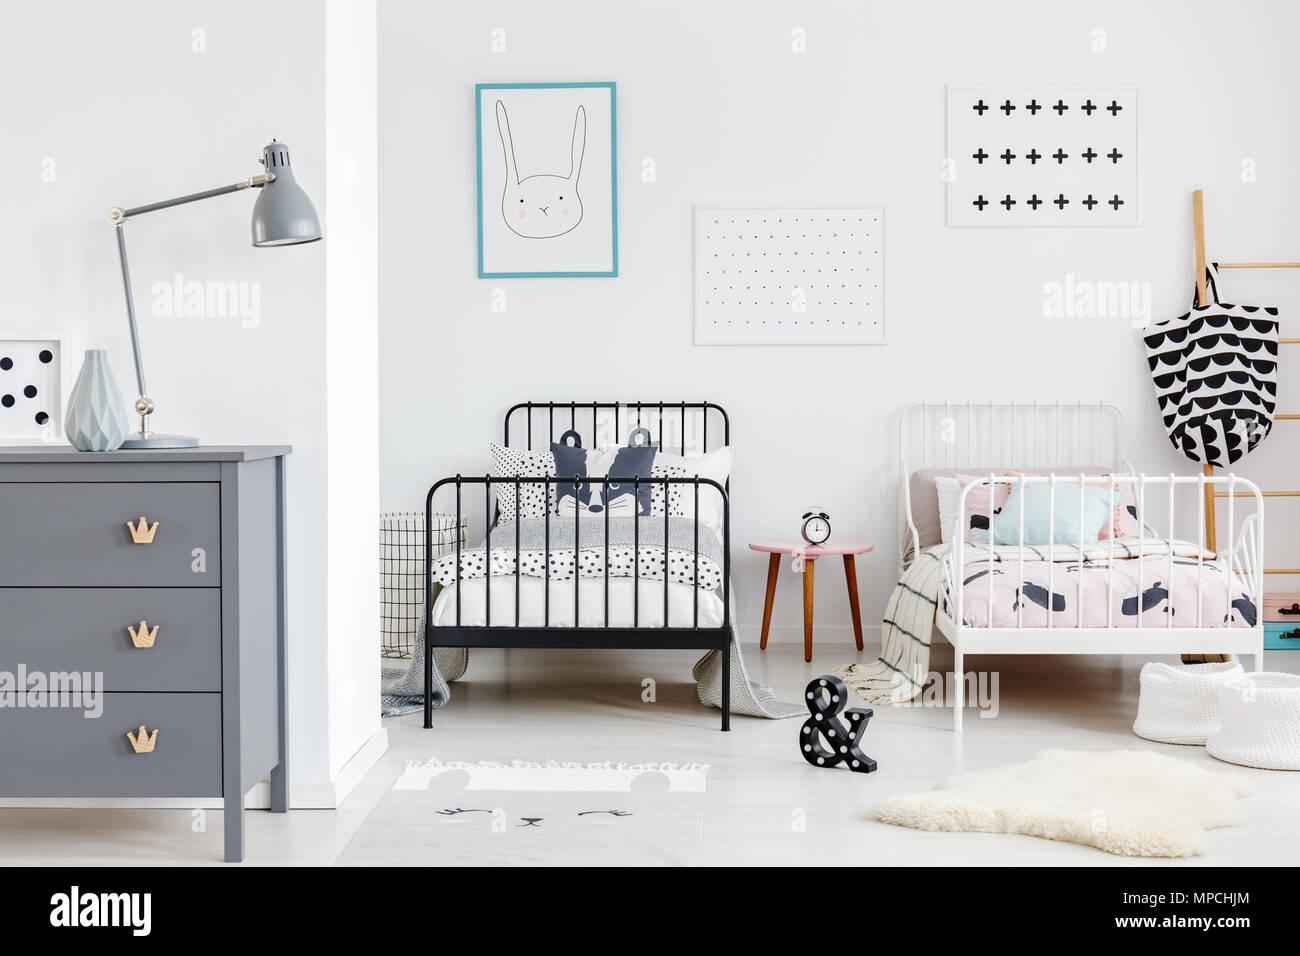 Lampada grigio sull\'armadio in camera da letto per bambini interno ...